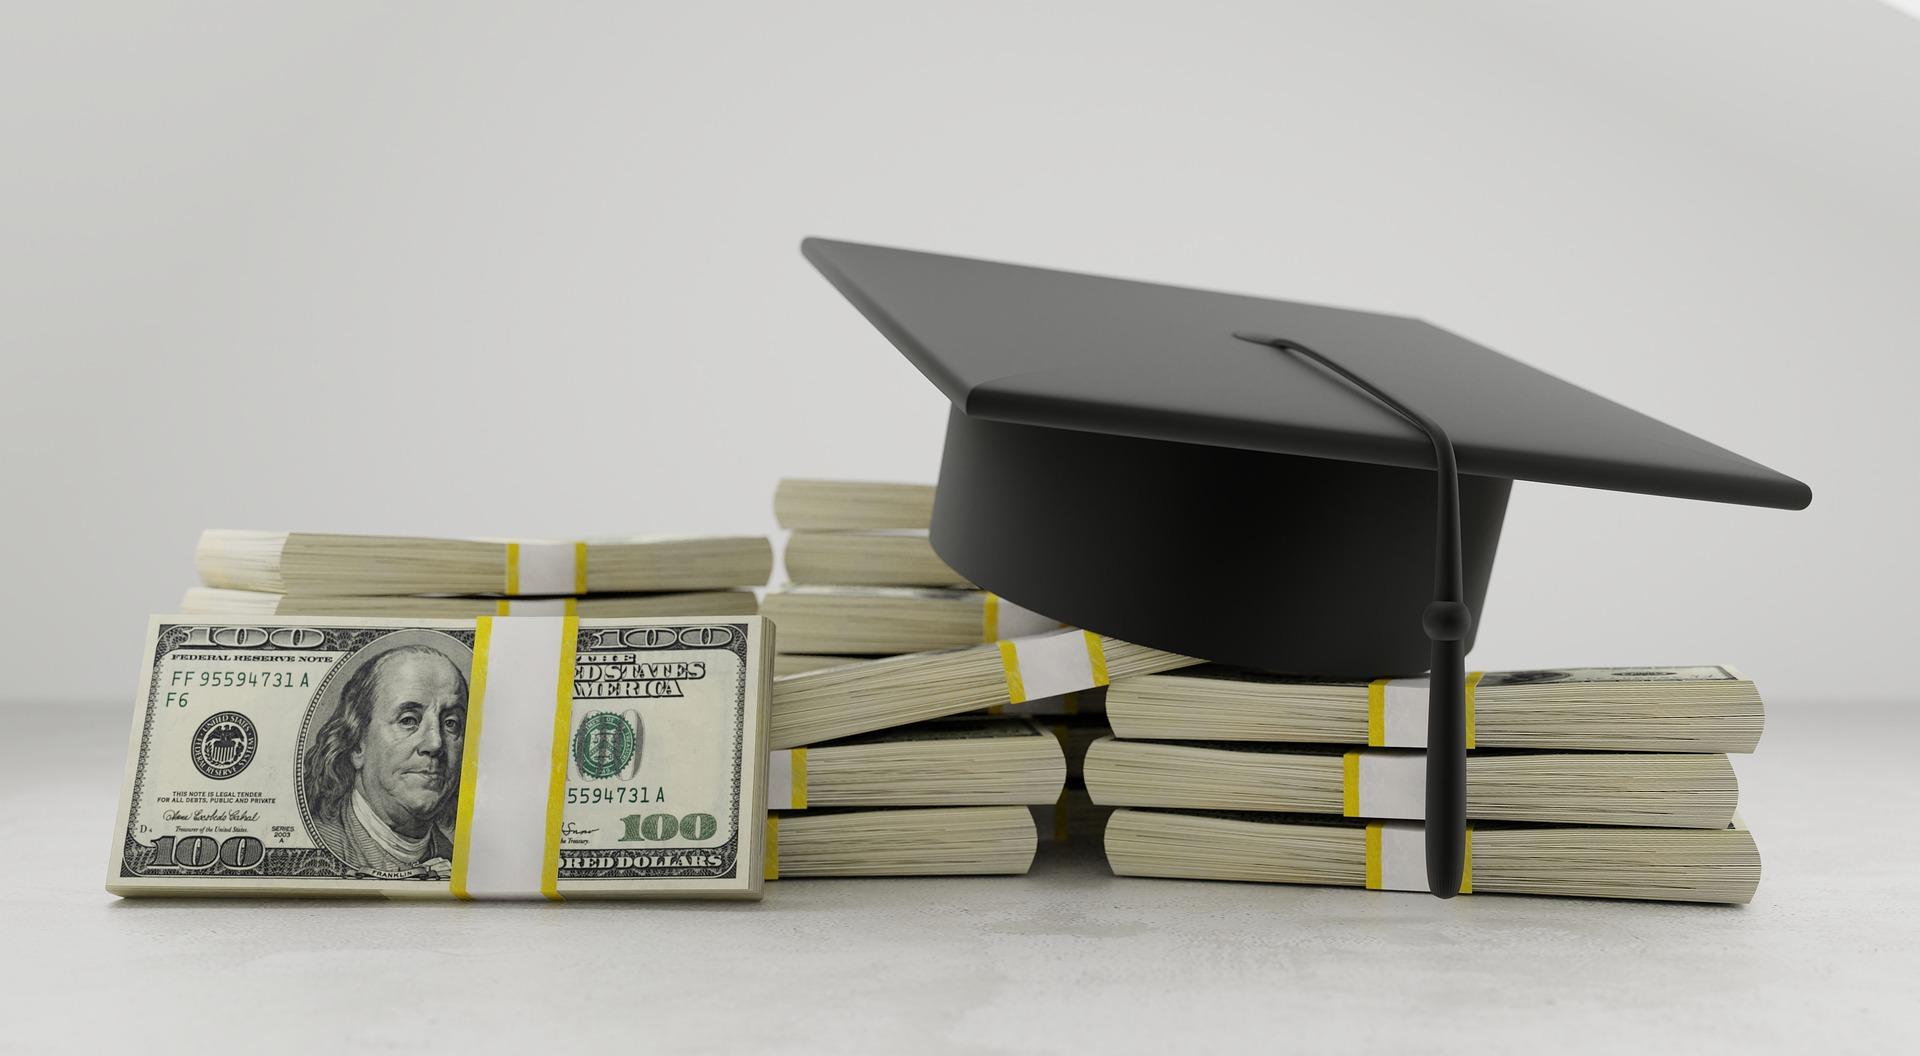 K. Κόλλιας: Τρεις προτάσεις για την αναβάθμιση της οικονομικής εκπαίδευσης